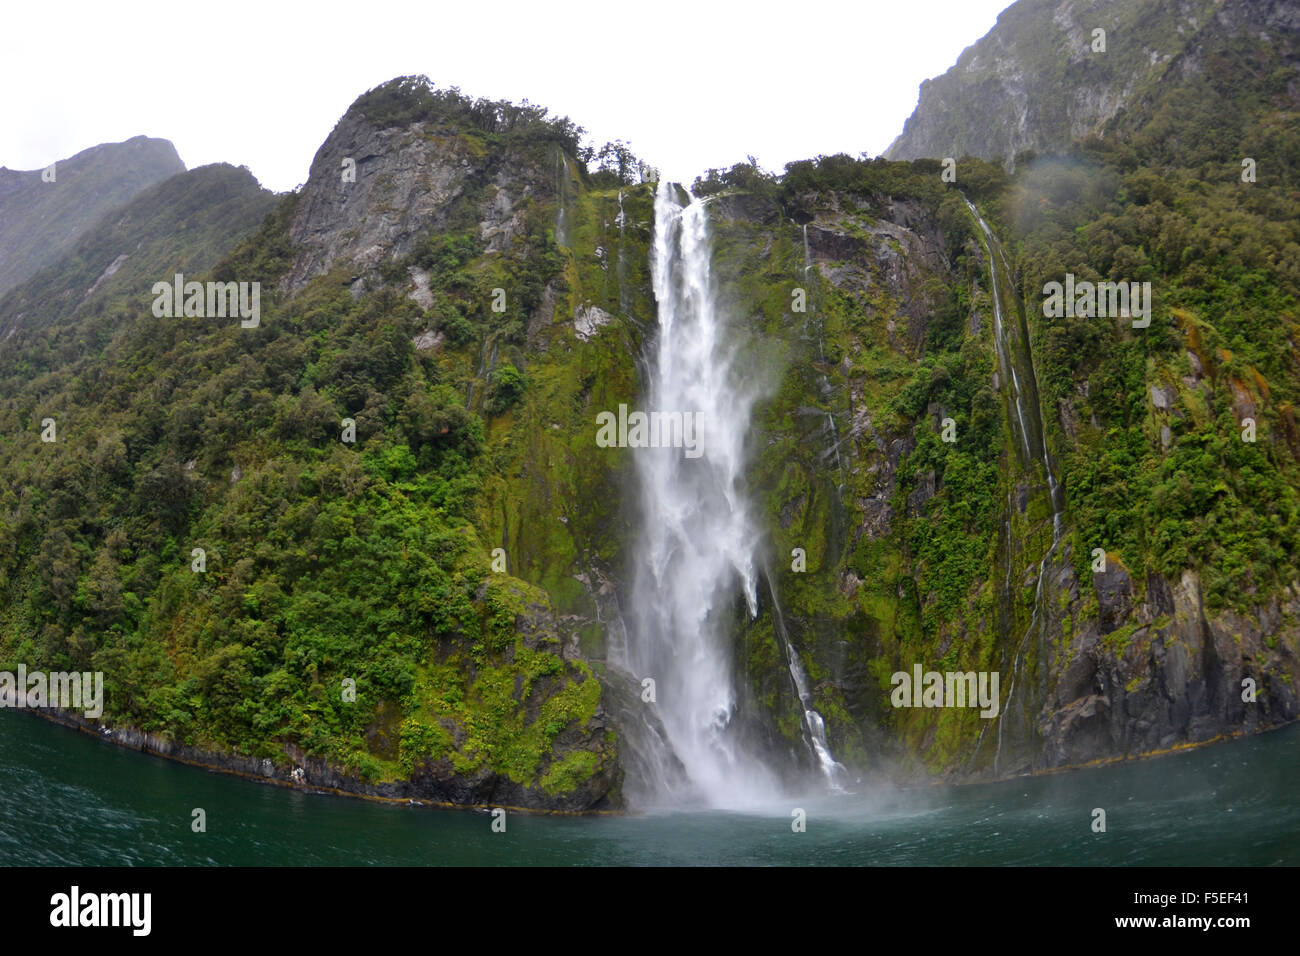 Cascata di Stirling, Milford Sound, Parco Nazionale di Fiordland, Nuova Zelanda Immagini Stock